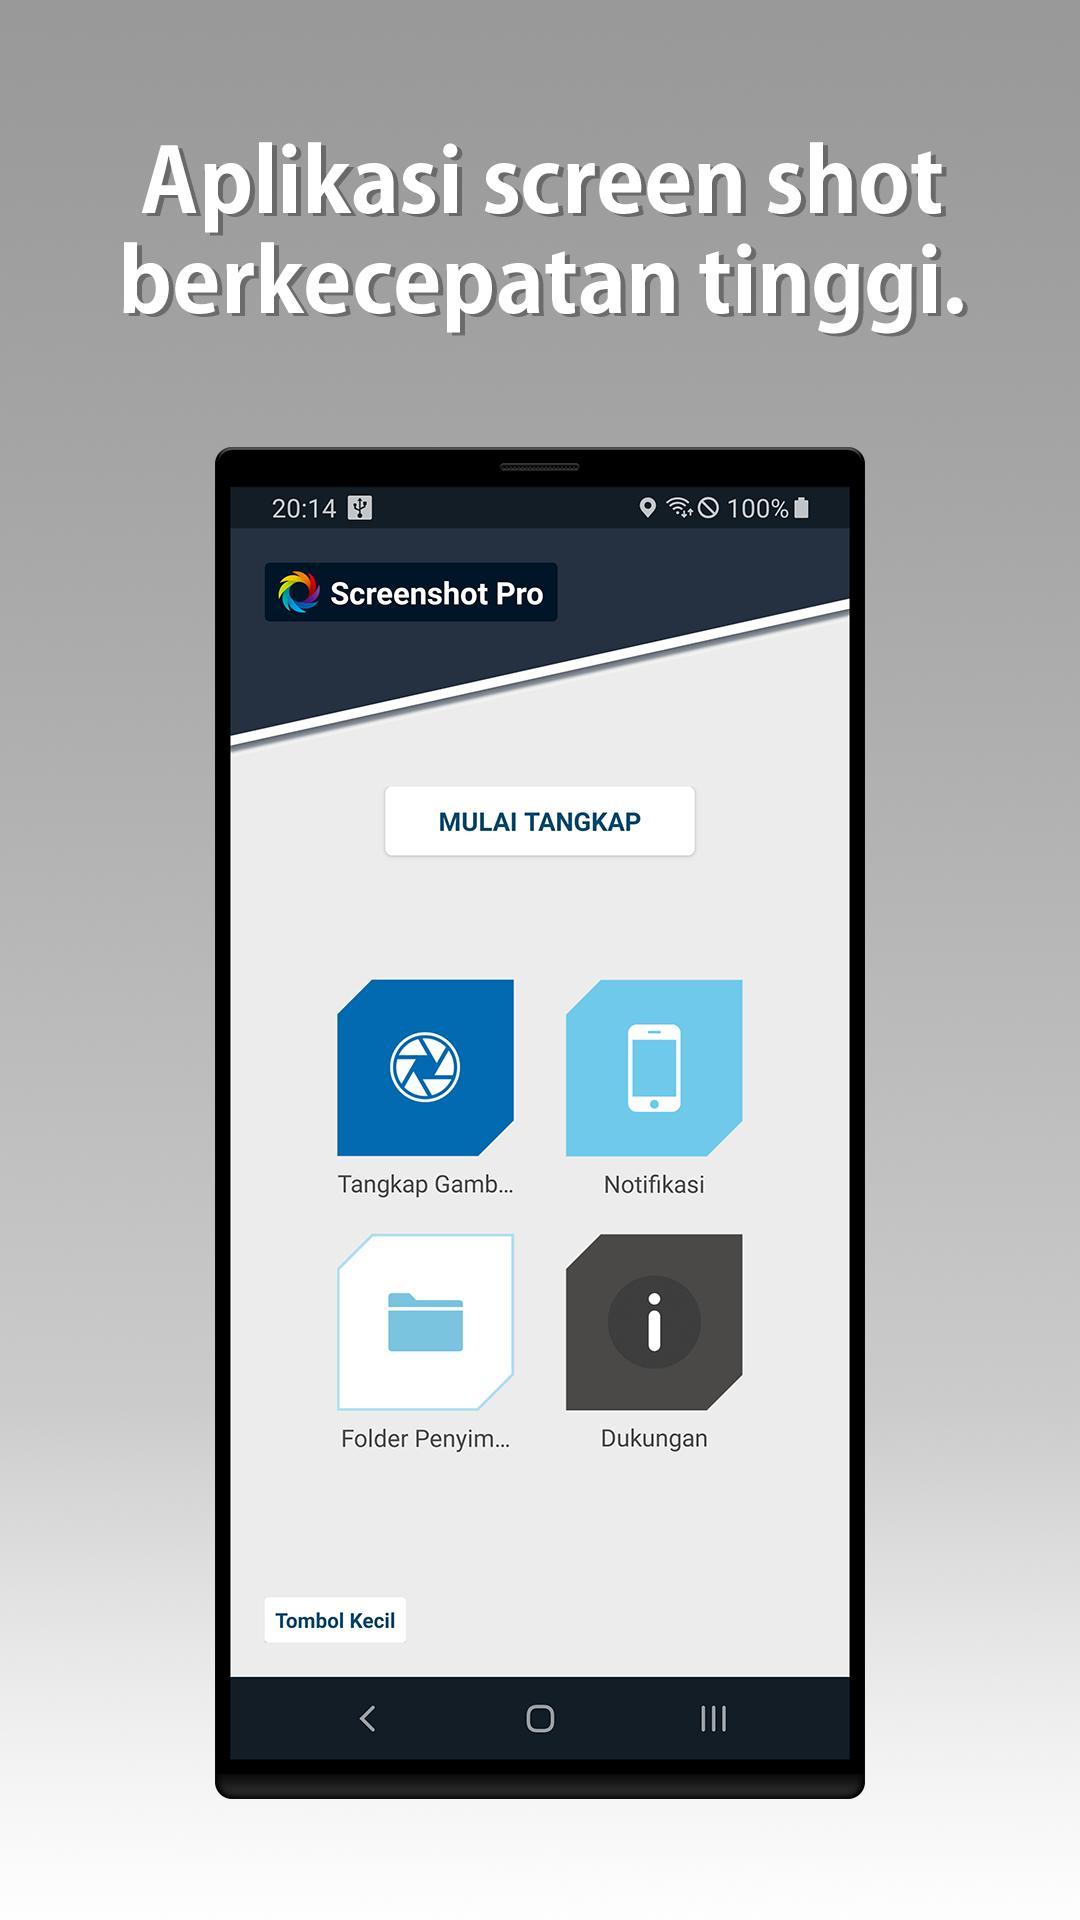 Di sini Anda bisa mengaktifkan aplikasinya, lalu akan muncul tombol screenshot yang berupa menu bar, icon, ataupun dalam bentuk notifikasi bar